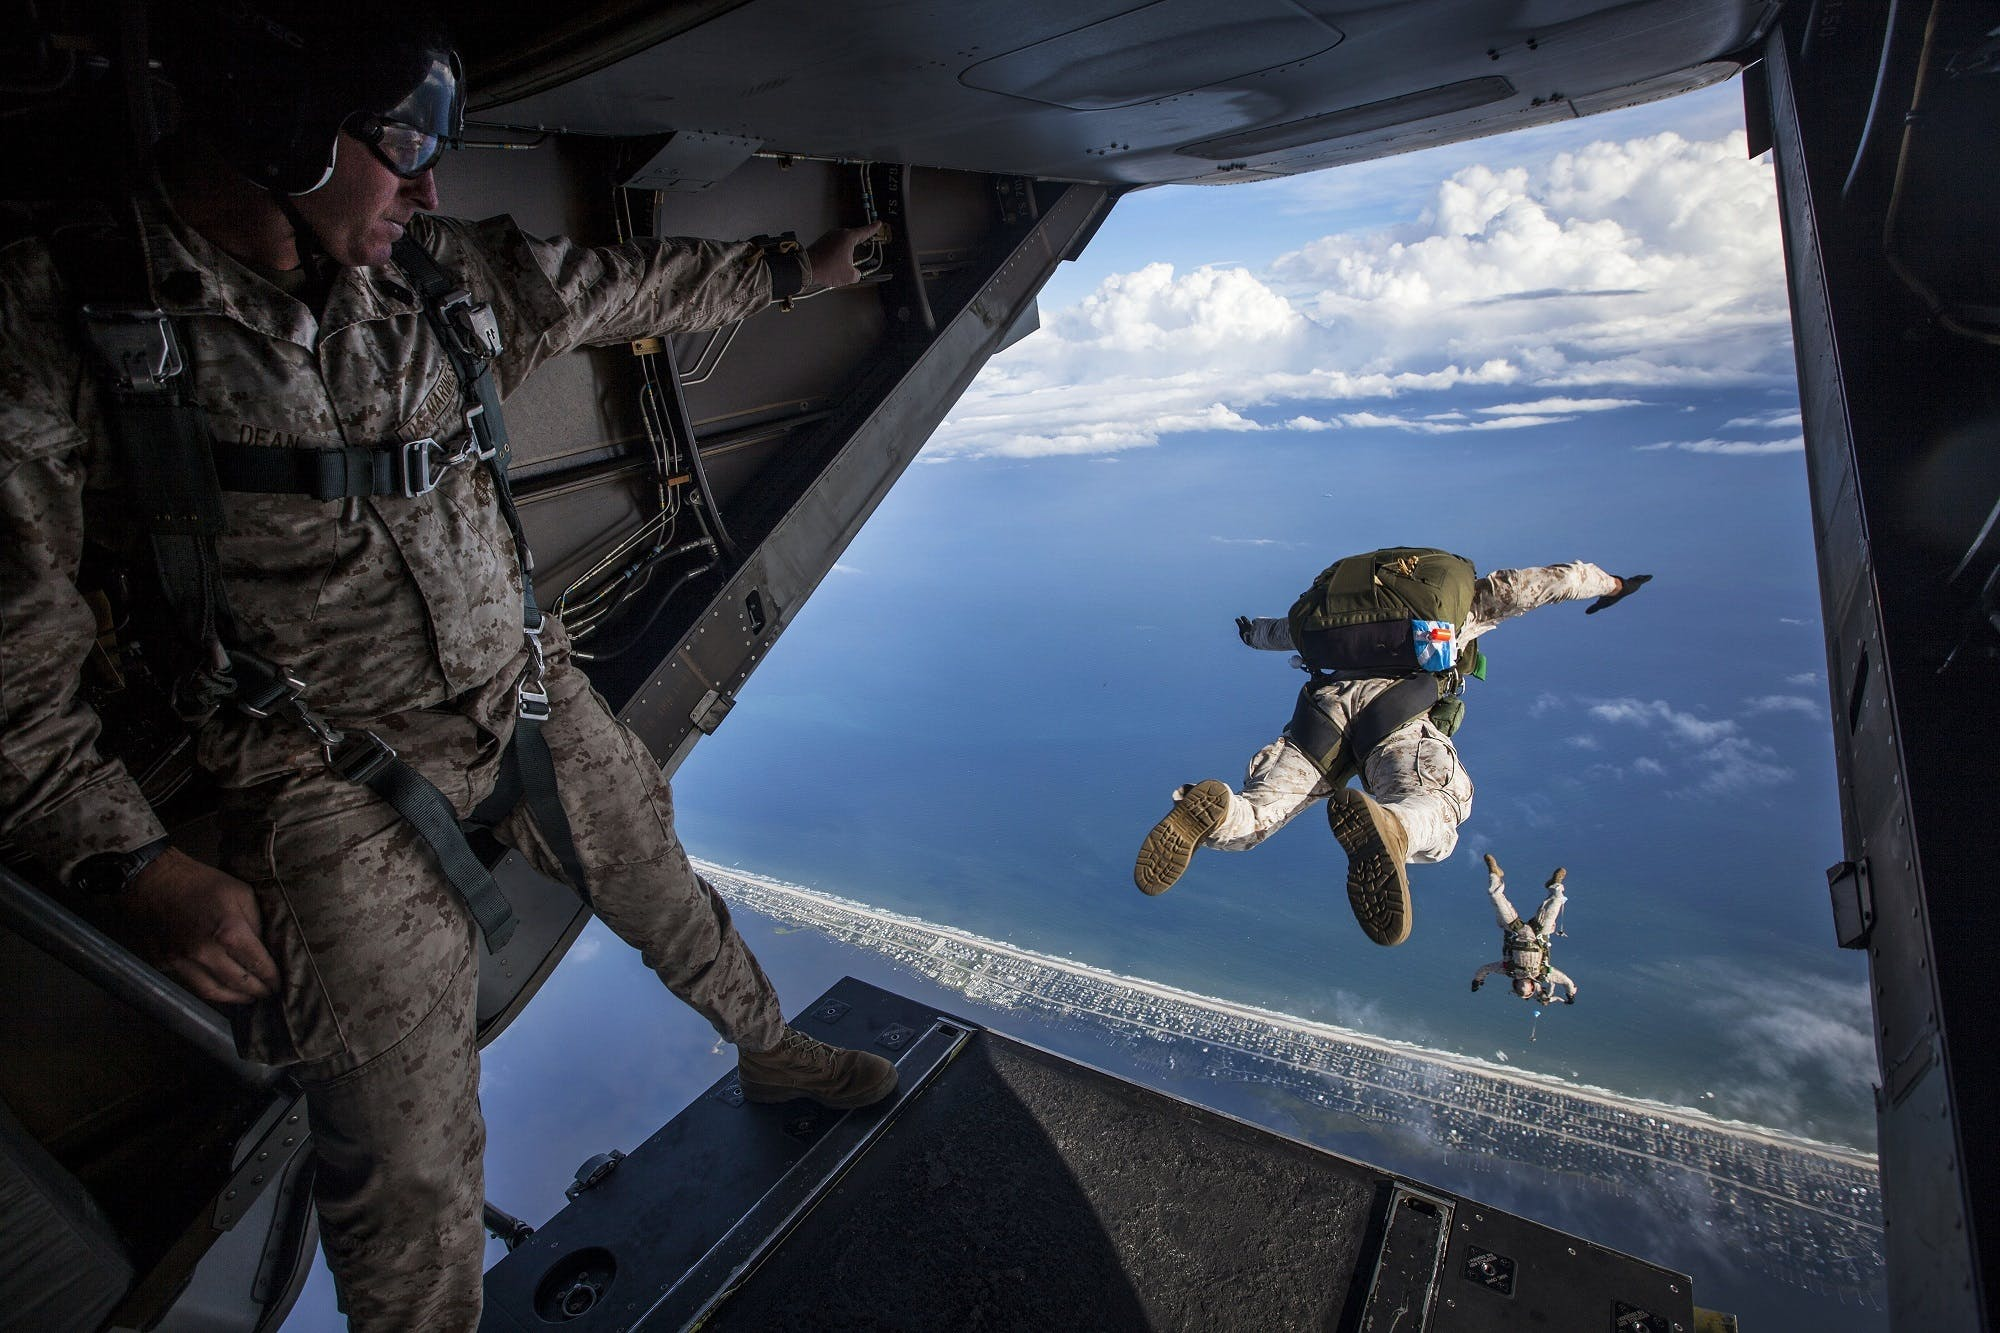 de aeronave, exército, força aérea, militar